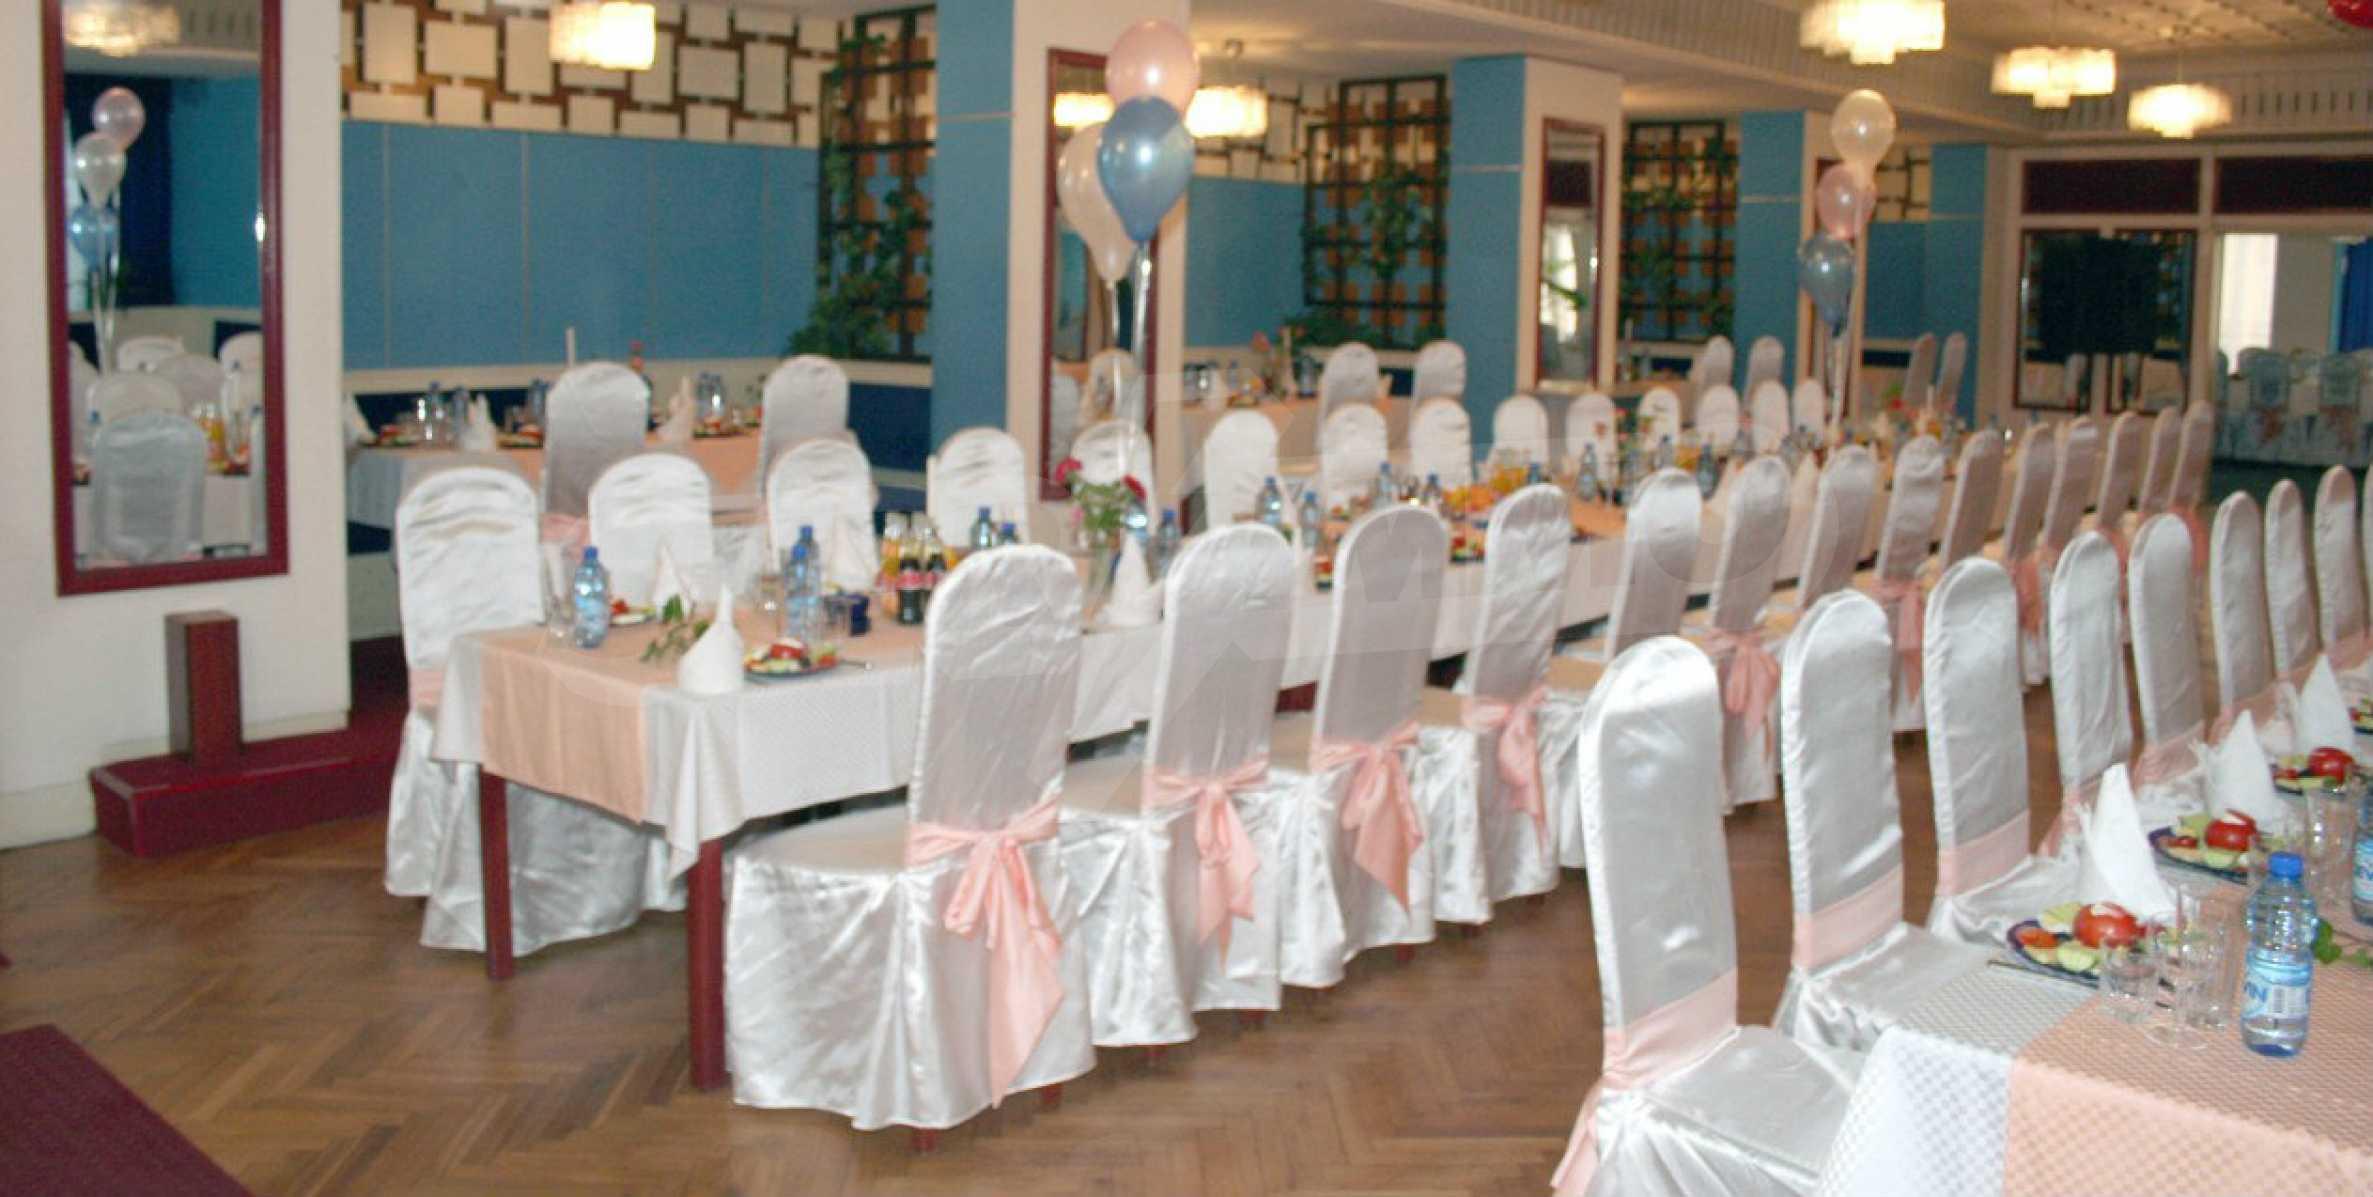 Betriebsrestaurant in der oberen Mitte von Gabrovo 2